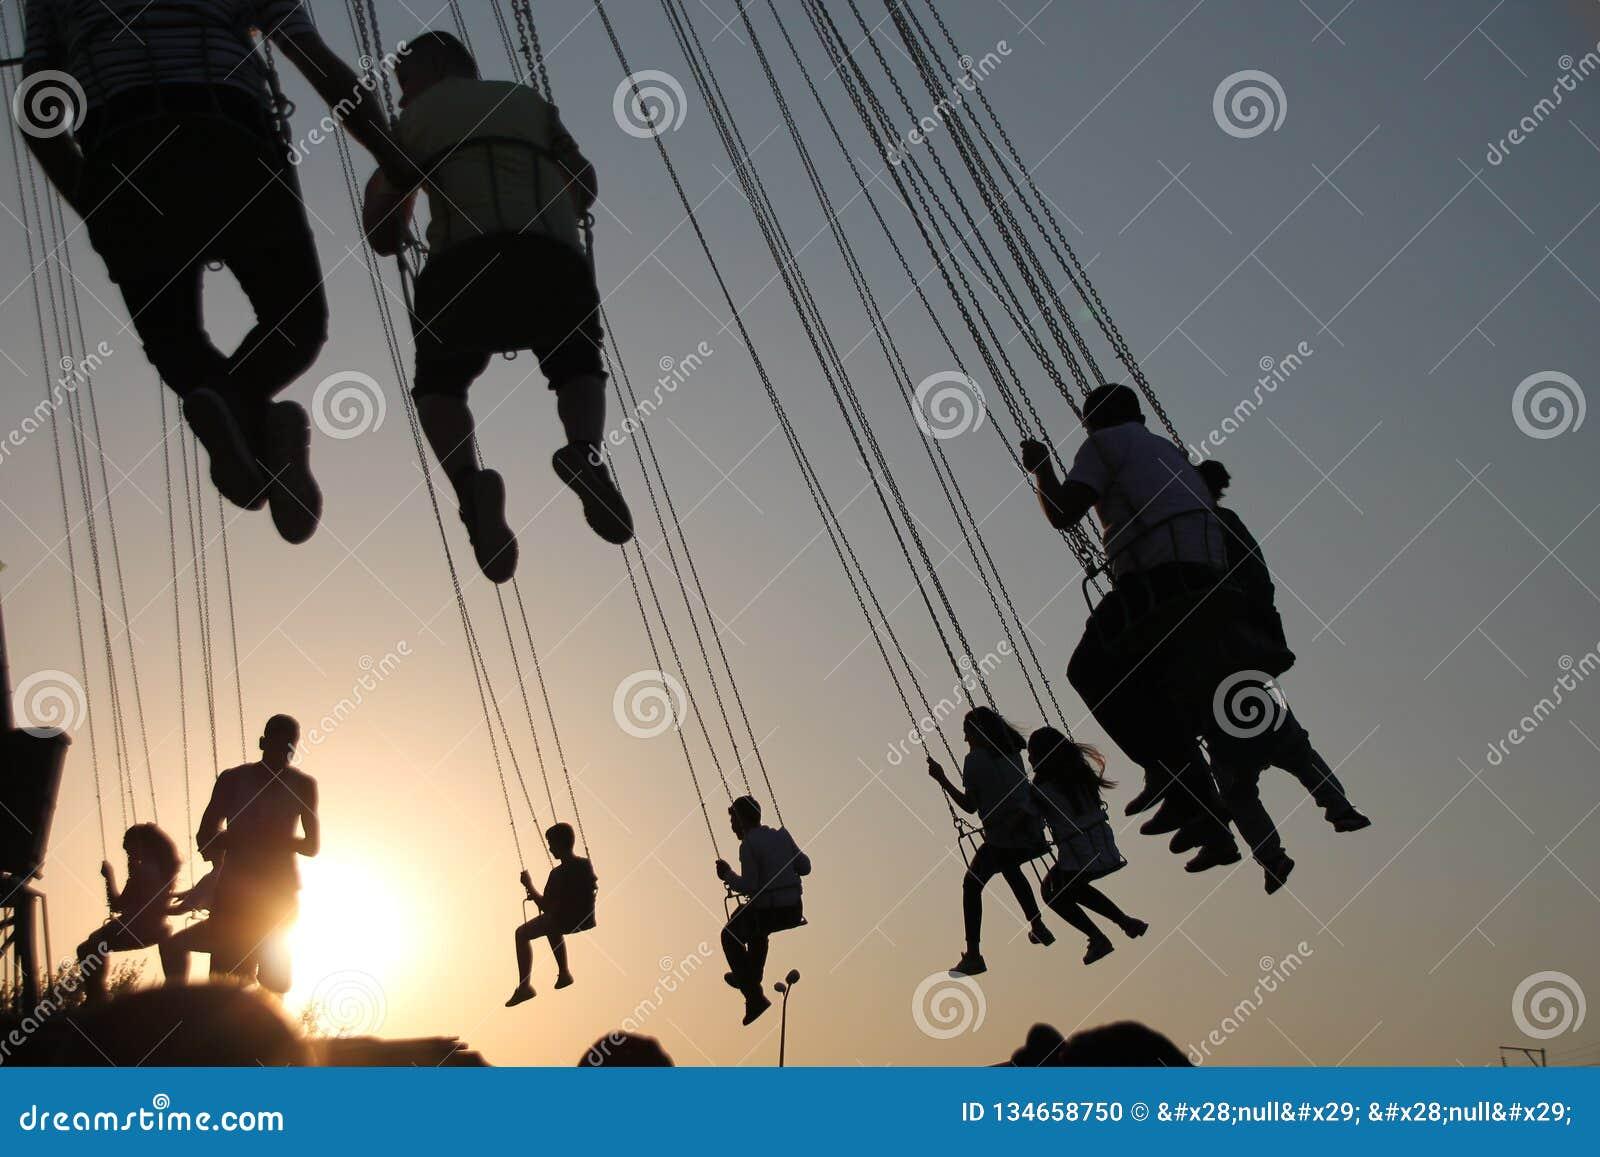 Silueta de la gente joven en la noria y el carrusel de balanceo en el movimiento de parada en fondo de la puesta del sol